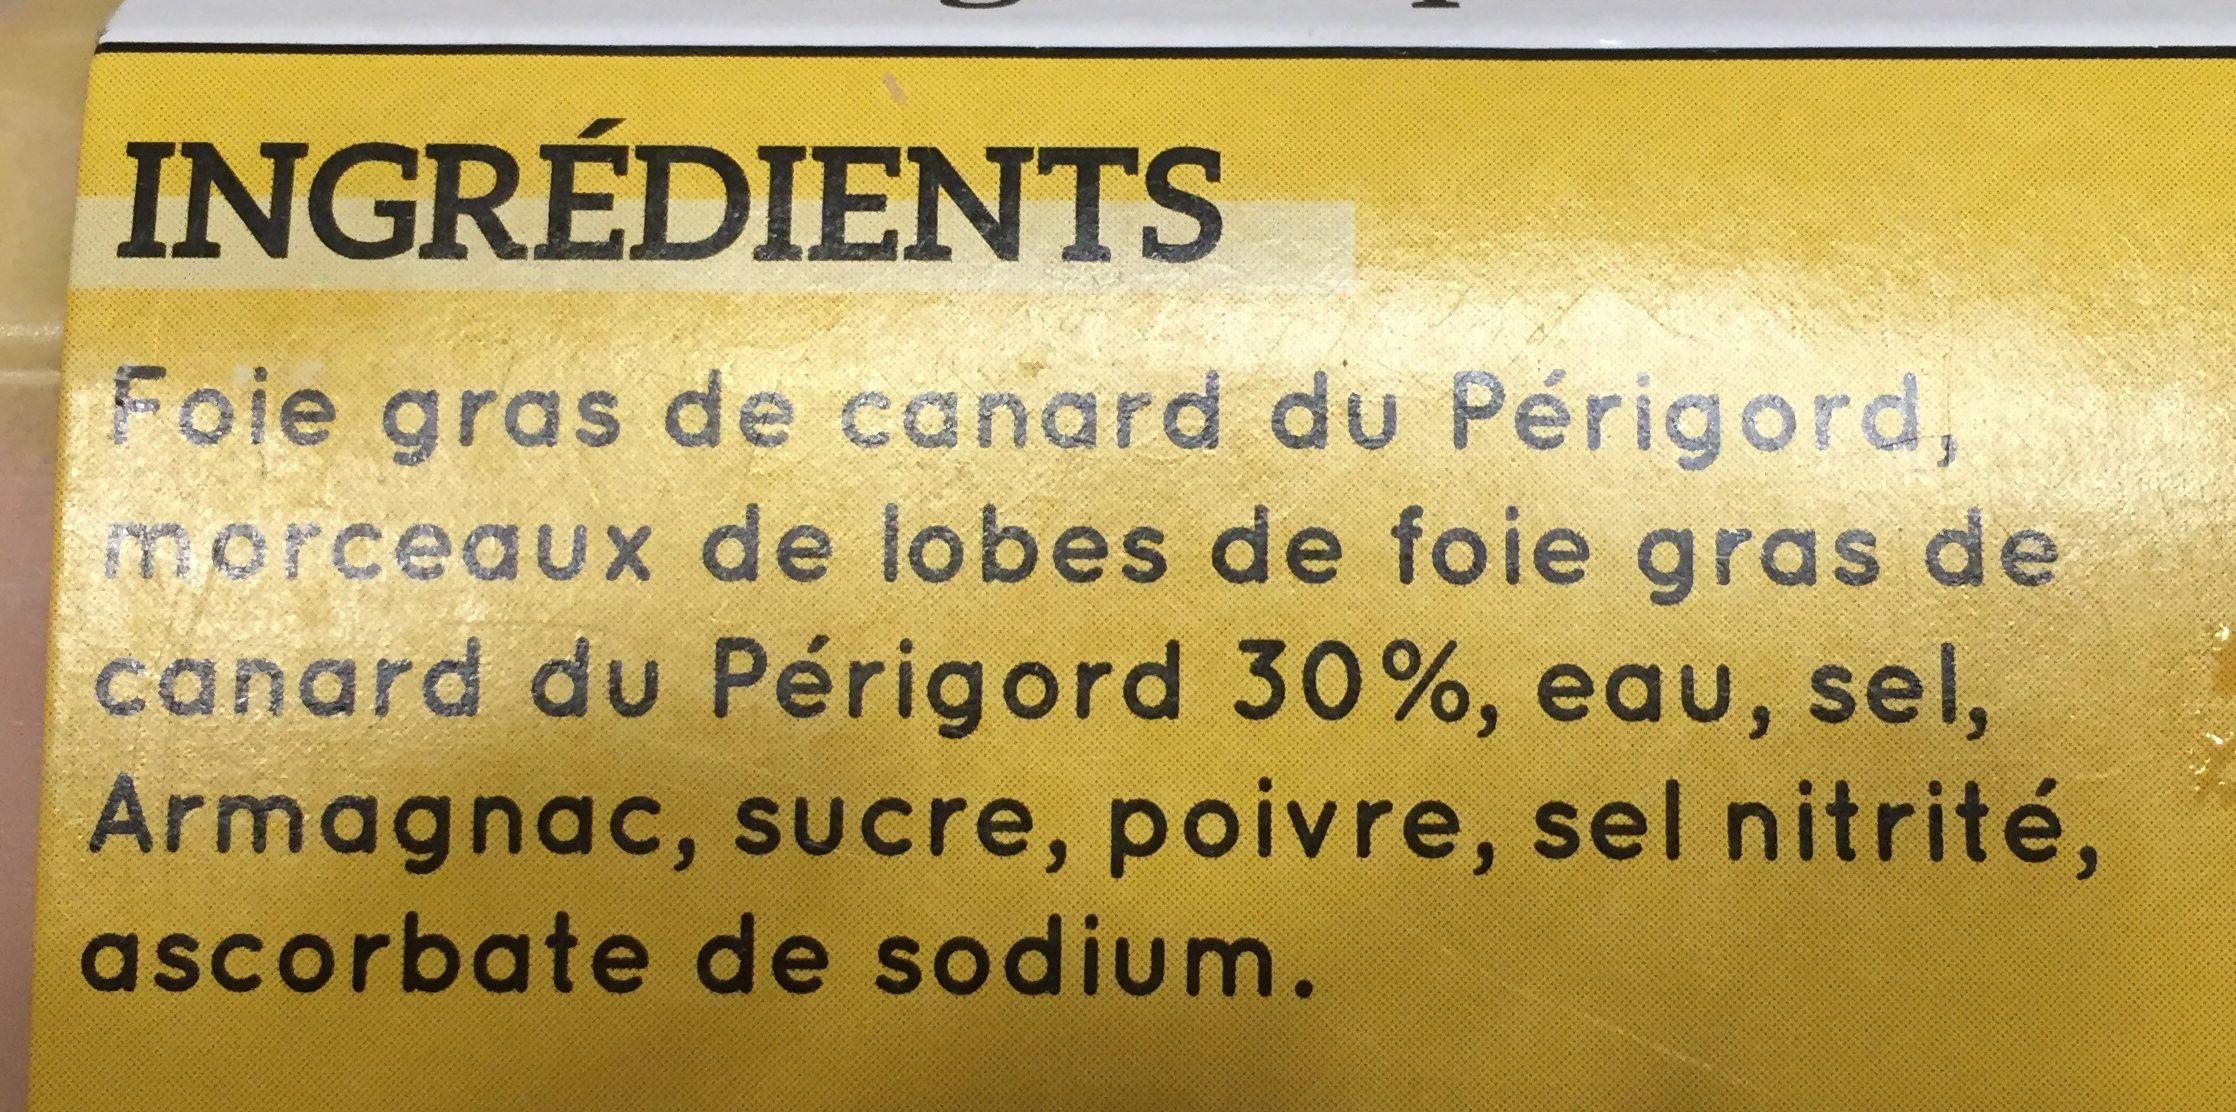 Bloc de foie gras de canard du Périgord 30% de morceaux - Ingredients